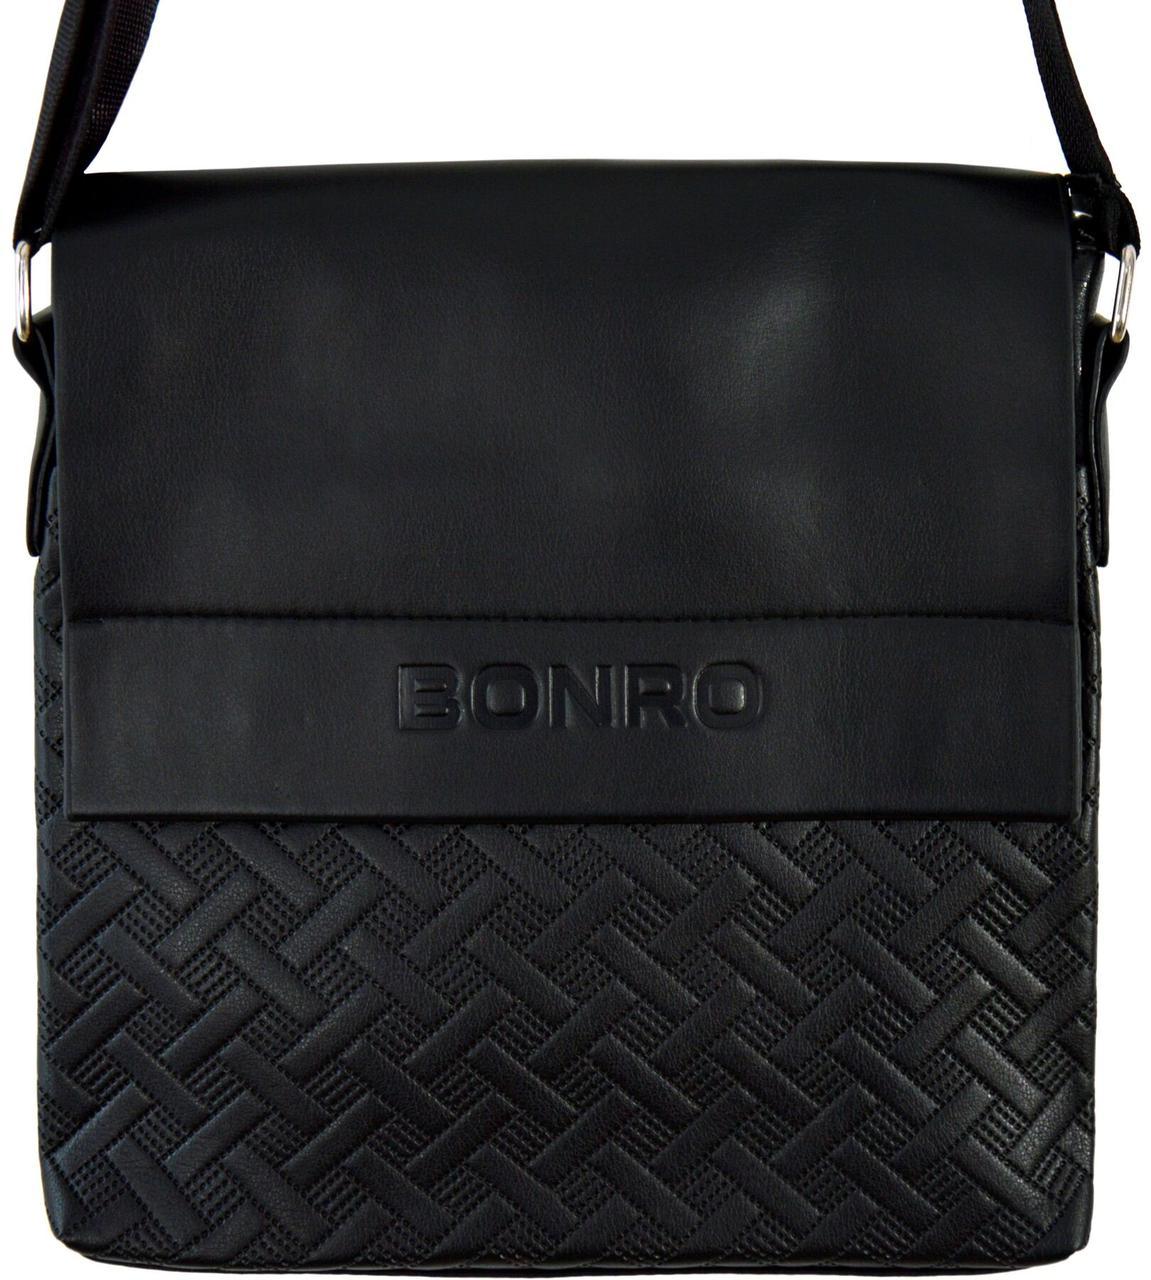 Сумка мужская Bonro через плечо черная Model 6 (14000005)